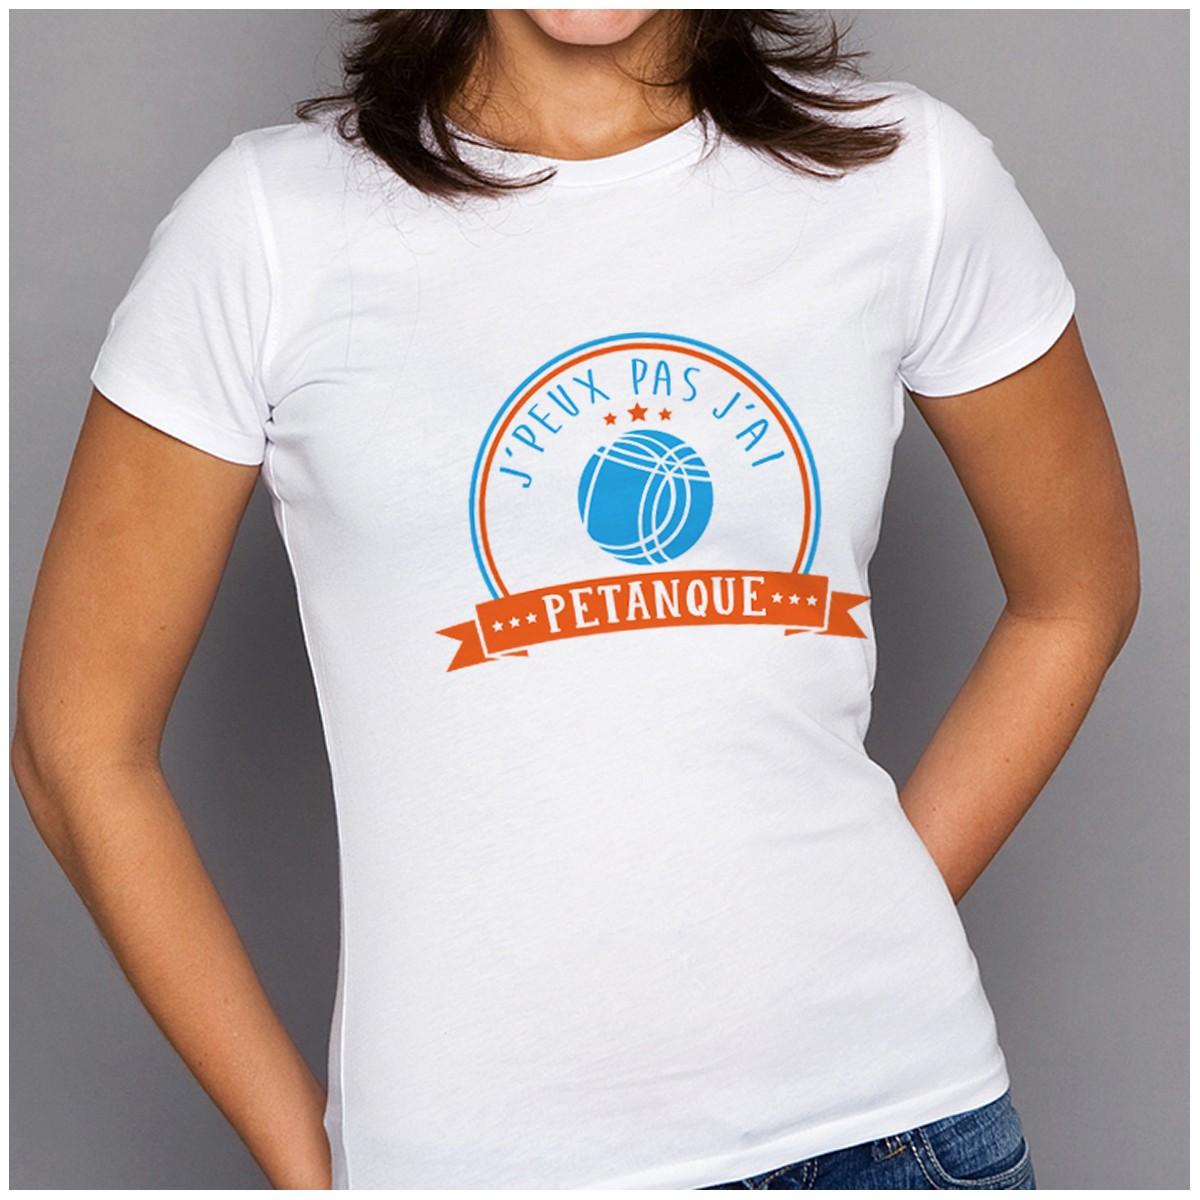 T-shirt J'peux pas j'ai...Pétanque